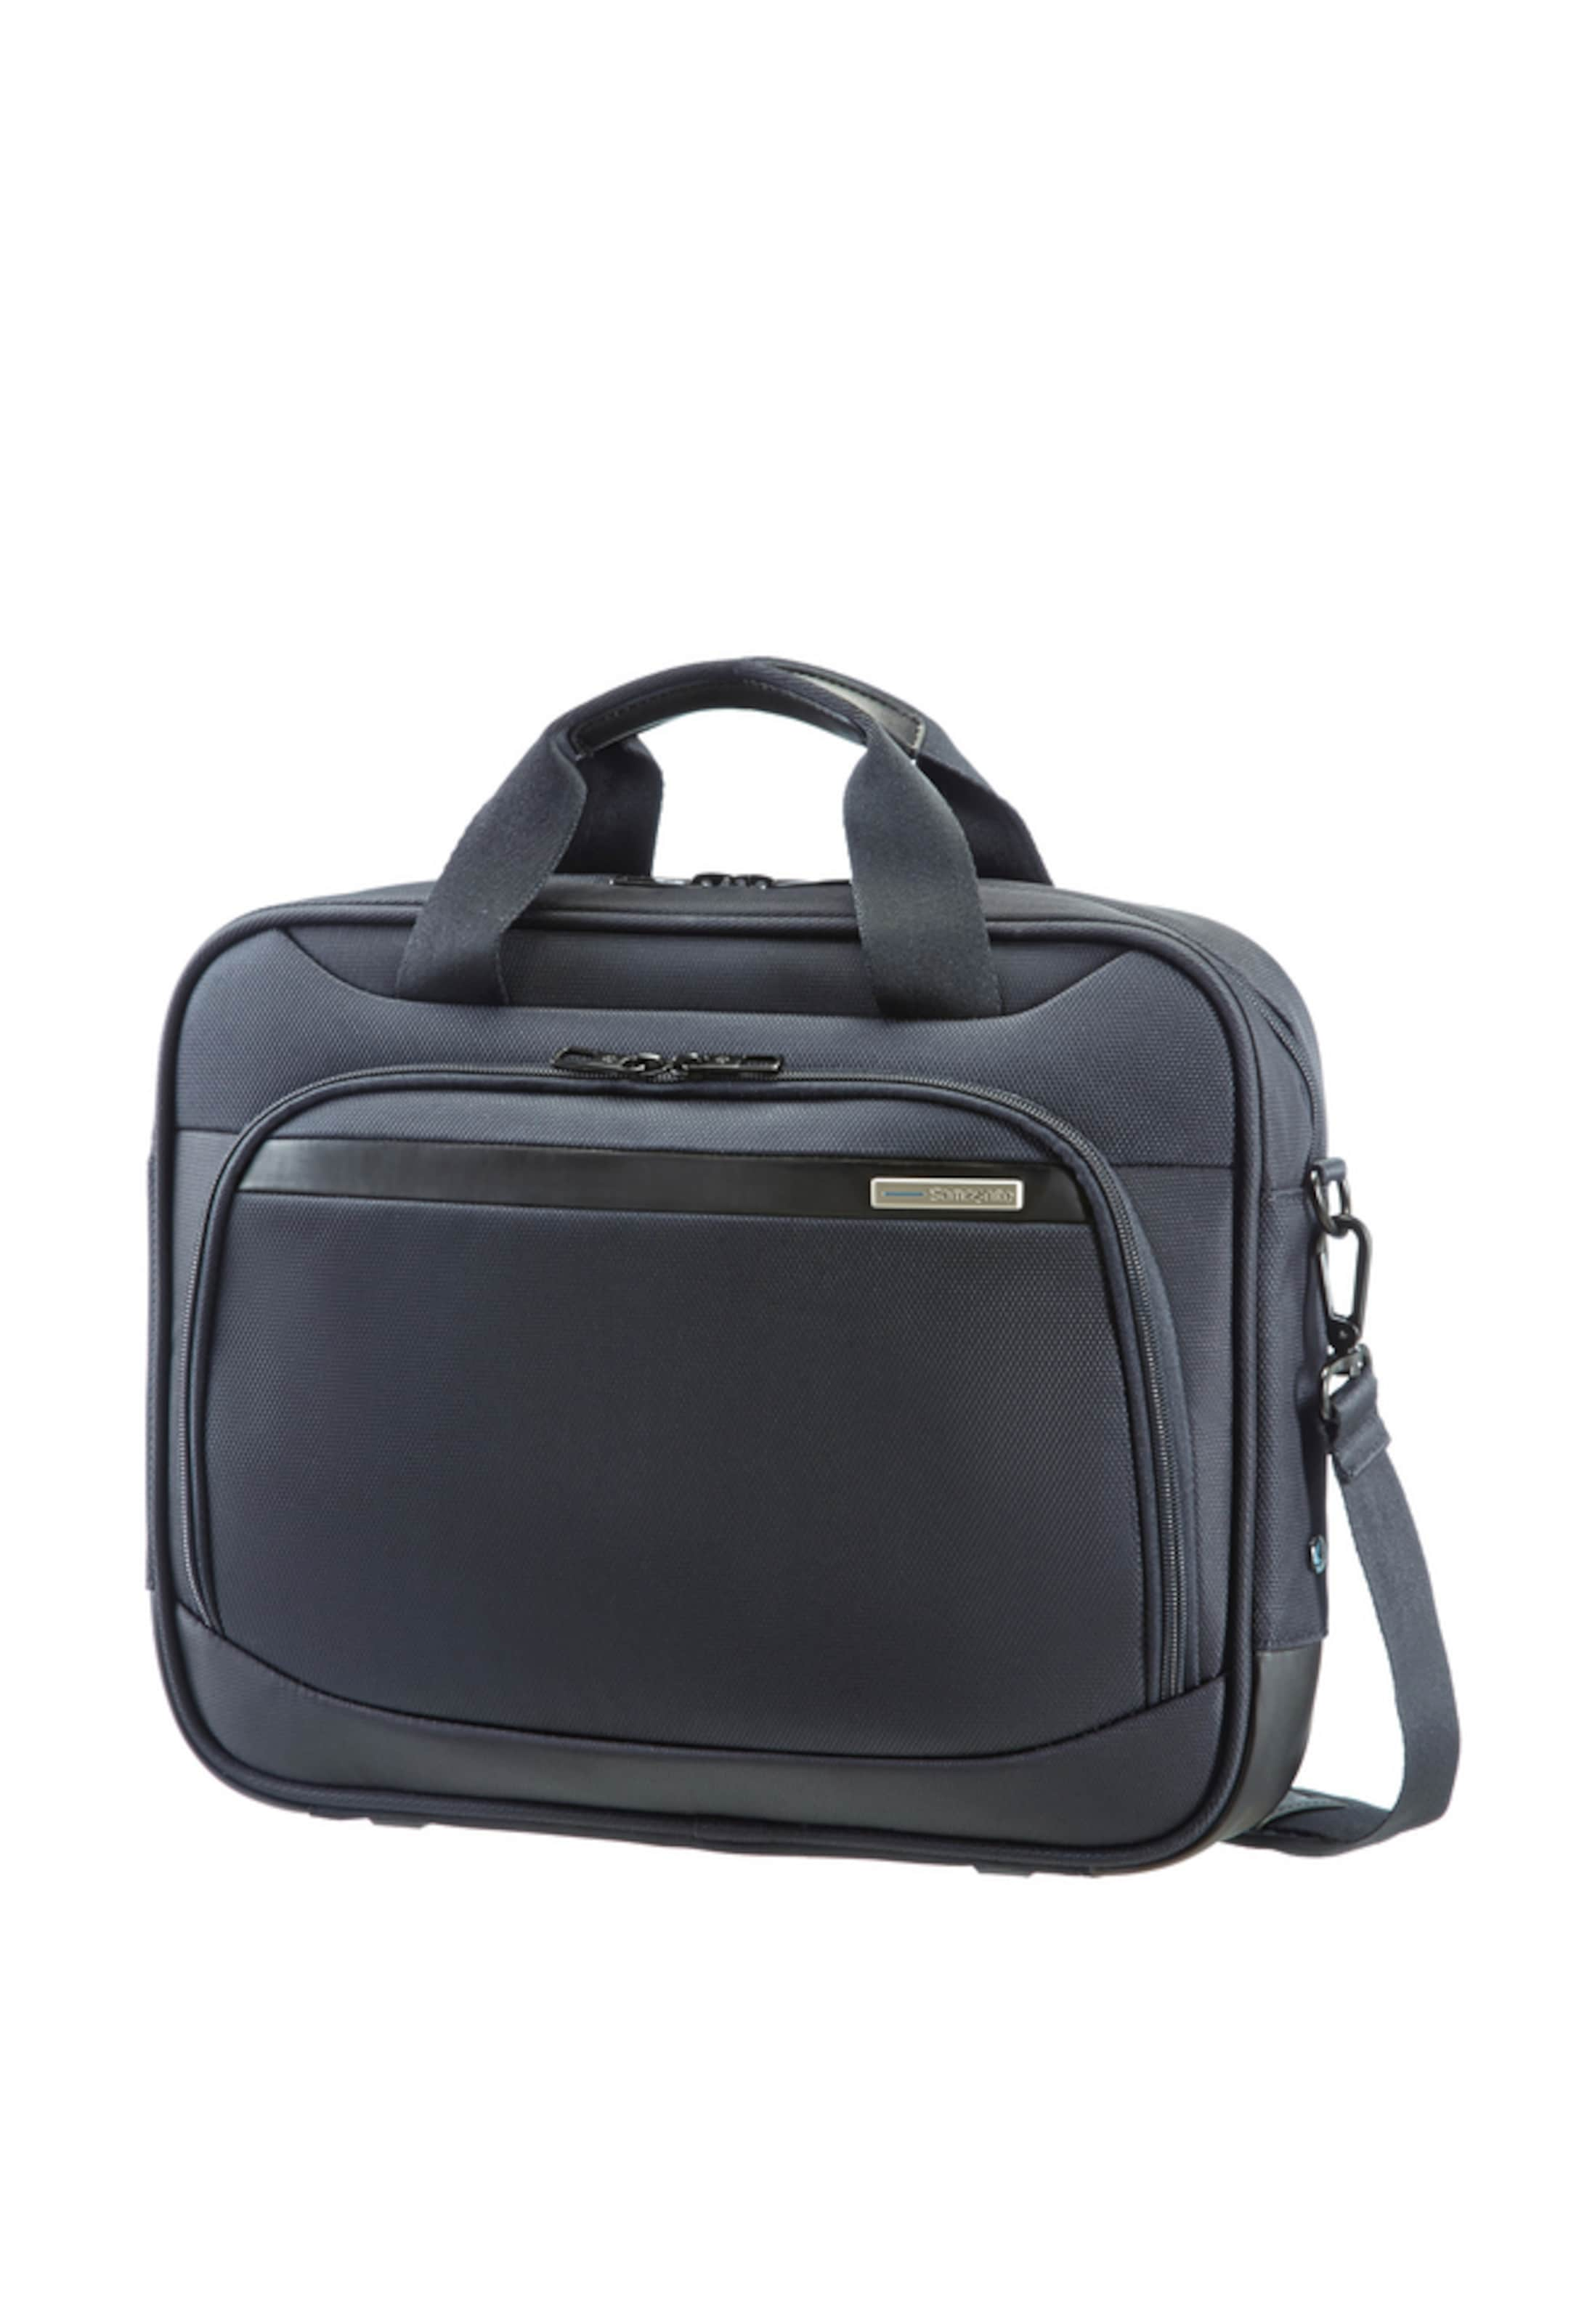 SAMSONITE Vectura Businesstasche 38 cm Laptopfach Freies Verschiffen Größte Lieferant Kaufen Preiswerte Qualität Neue Angebote Für Günstig Online Spielraum Klassisch PtX3vqlB